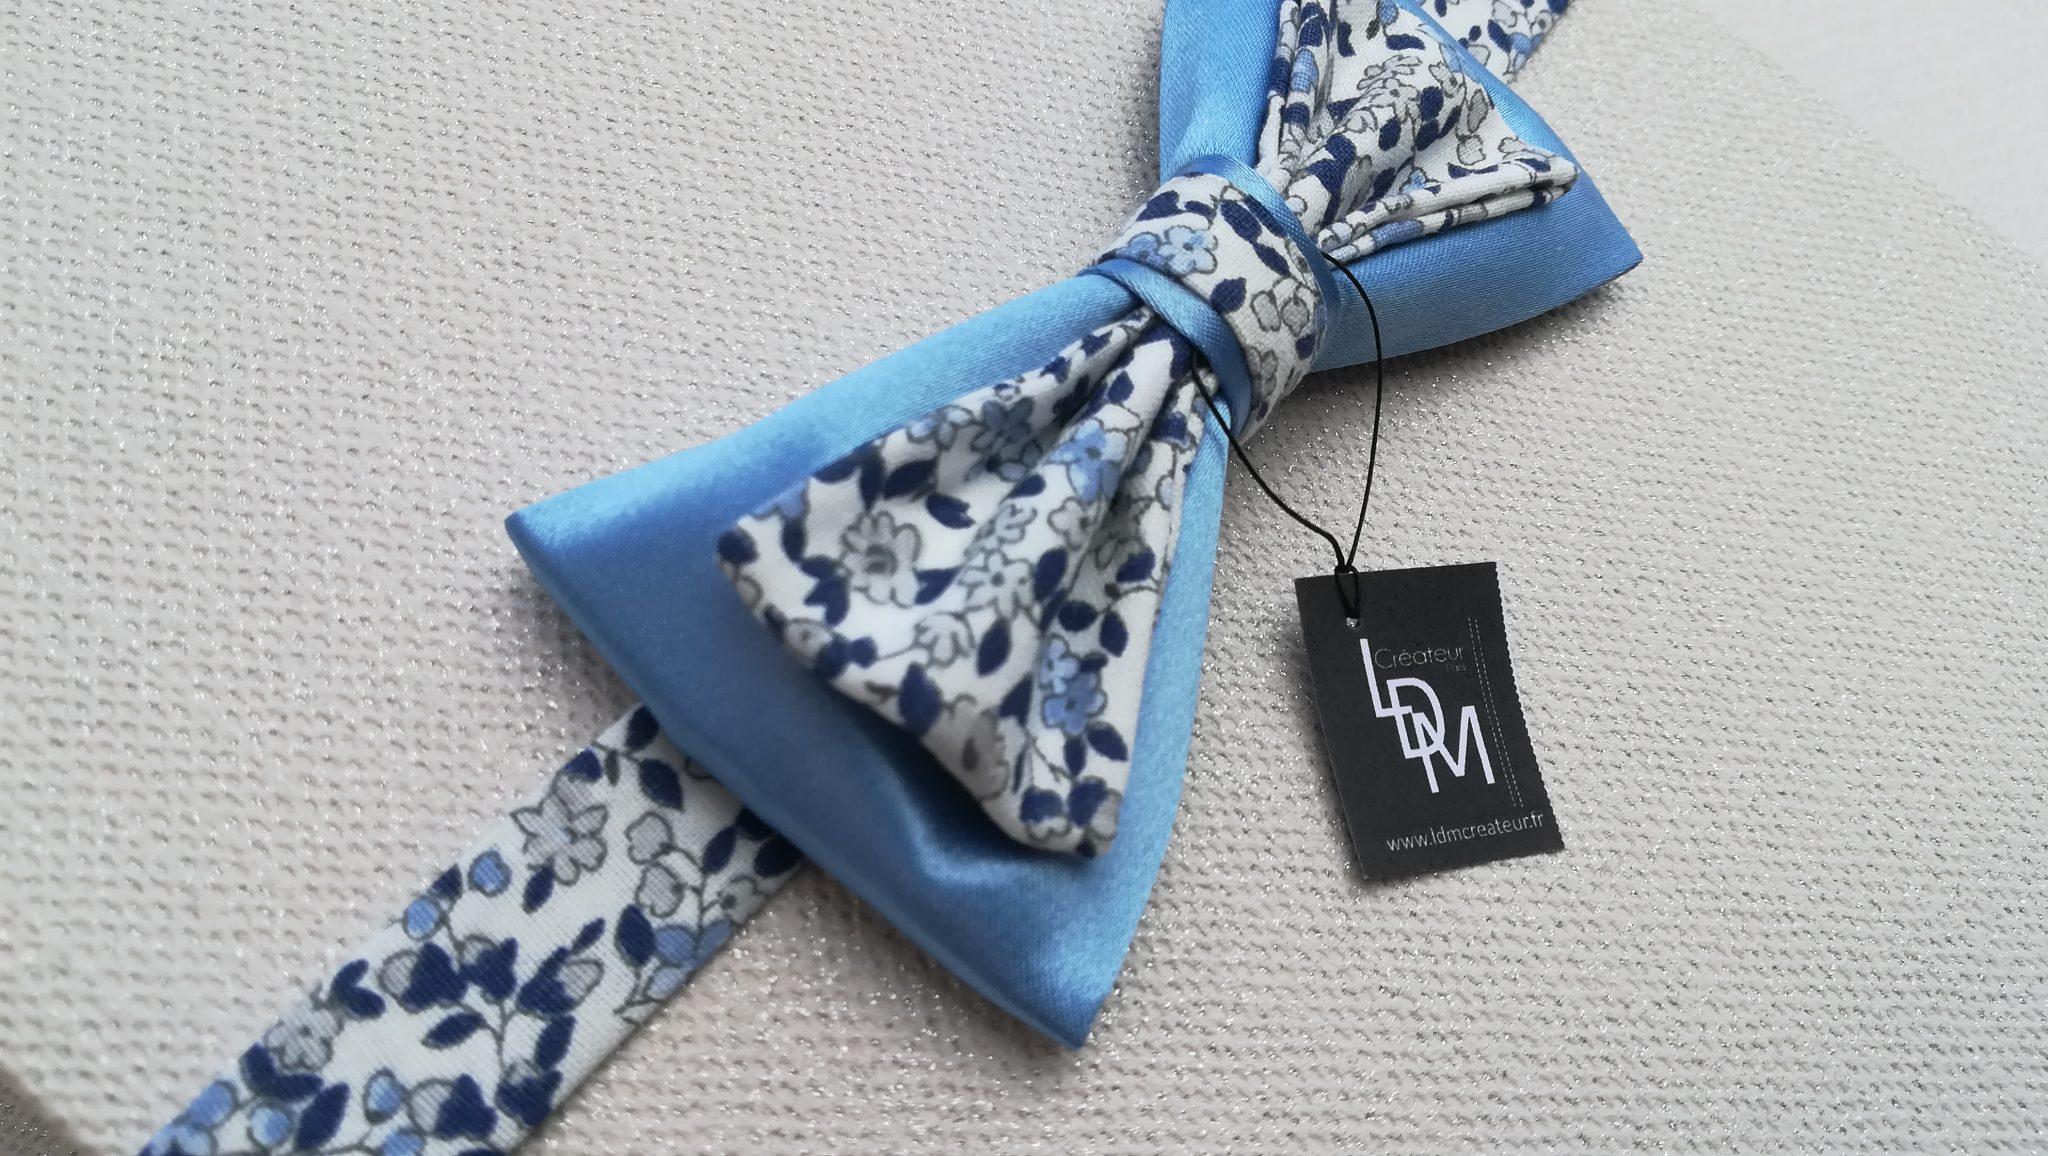 Nœud-papillon-mariage-bleu-ciel-création-Monflanquin-200x178-LDM-Créateur-fr